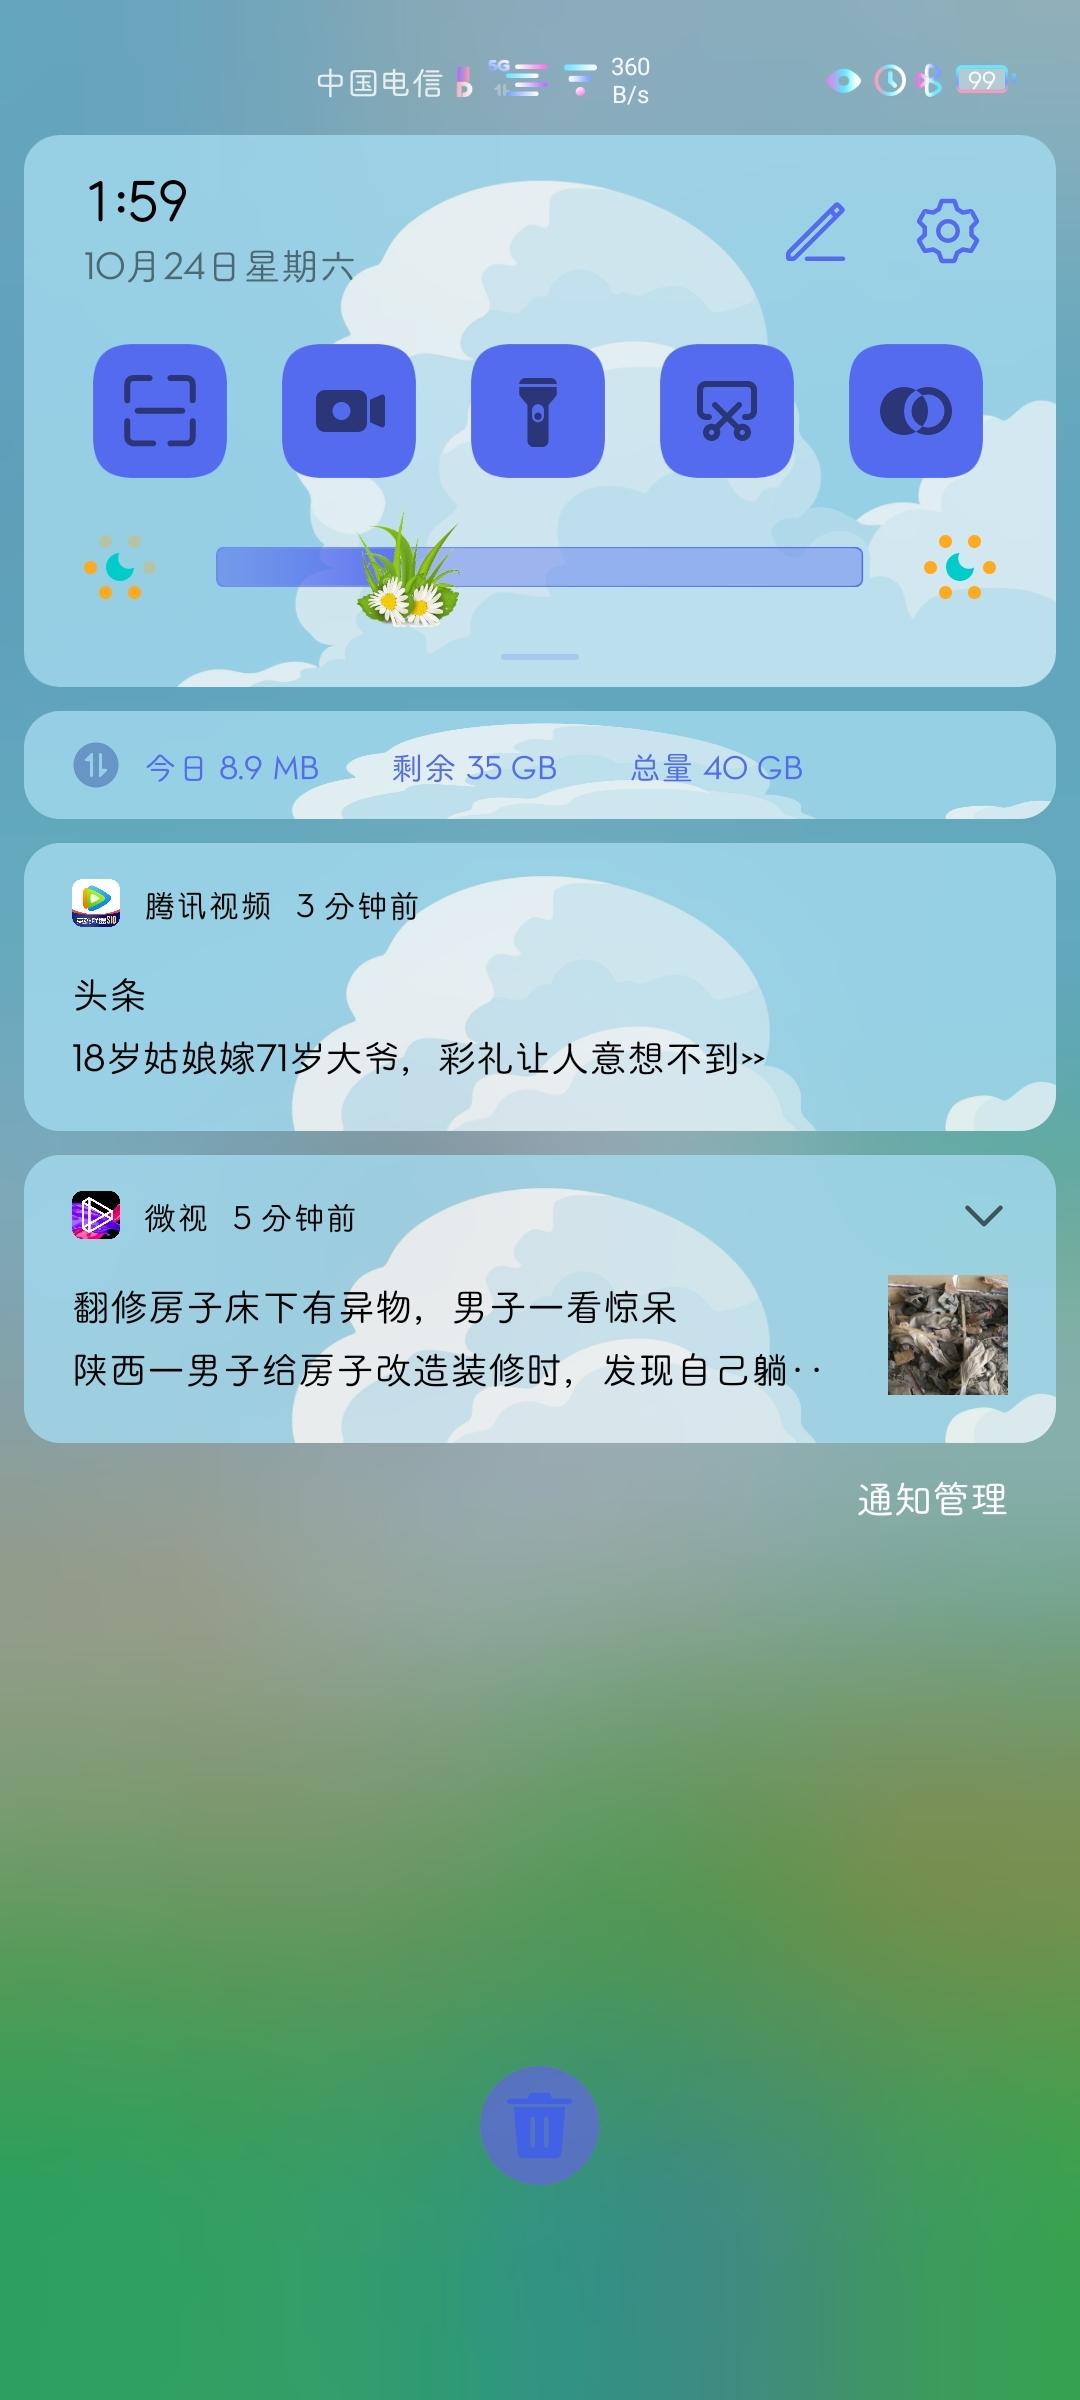 Screenshot_20201024_135933_com.huawei.android.launcher.jpg